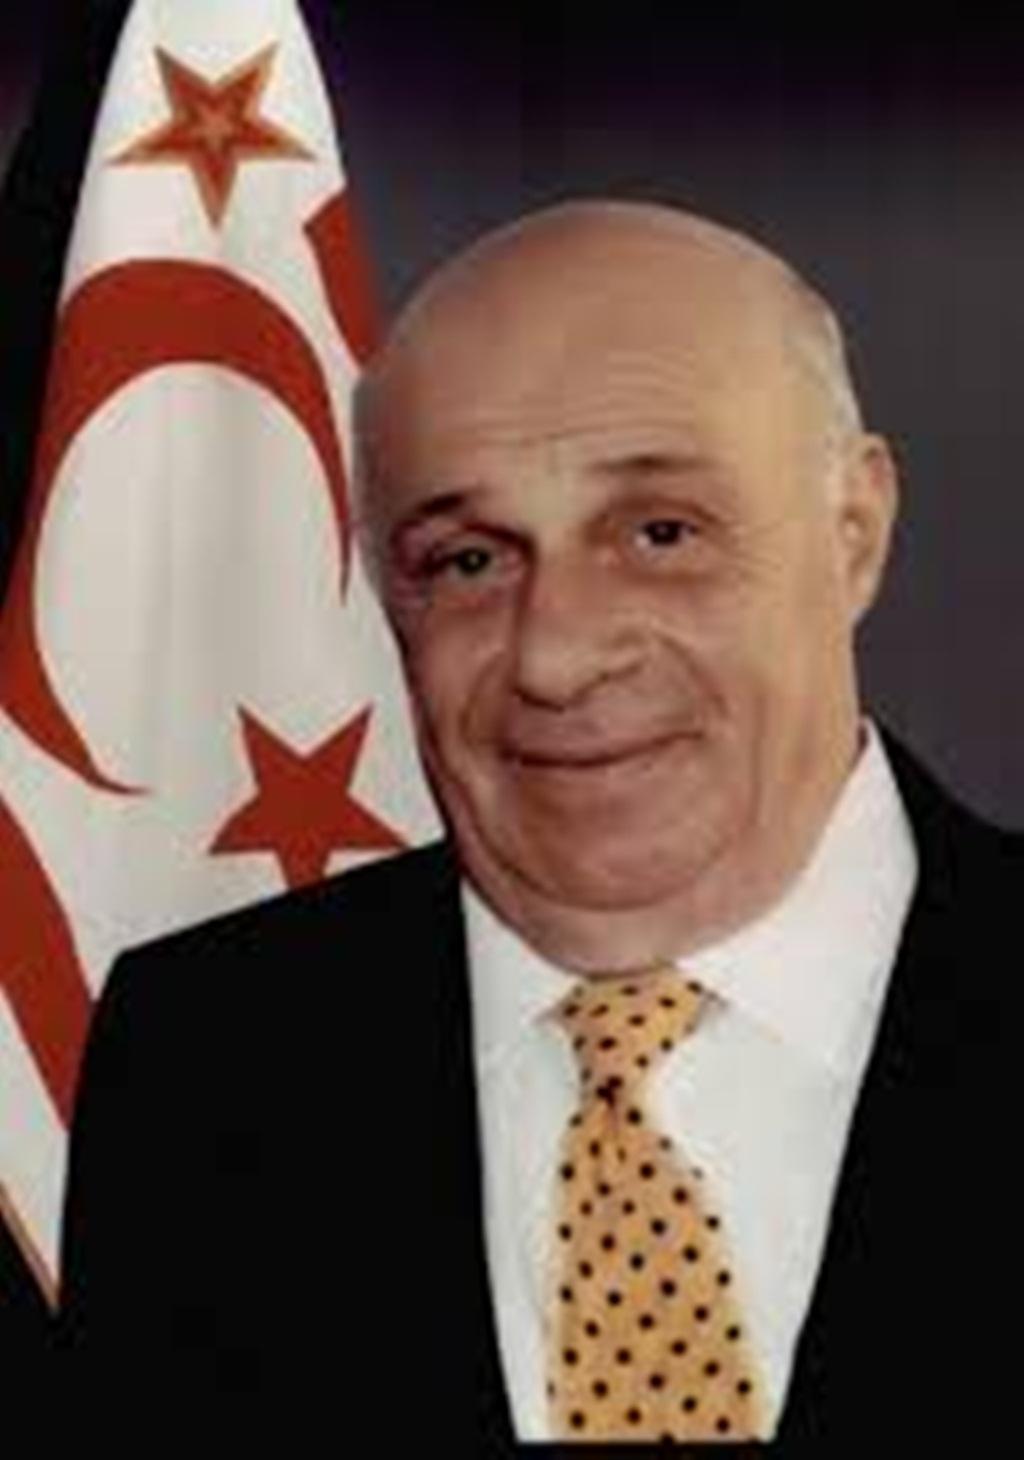 Başkan Karaçoban Rauf Denktaş\'ı ve Dr. Fazıl Küçük\'ü Unutmadı